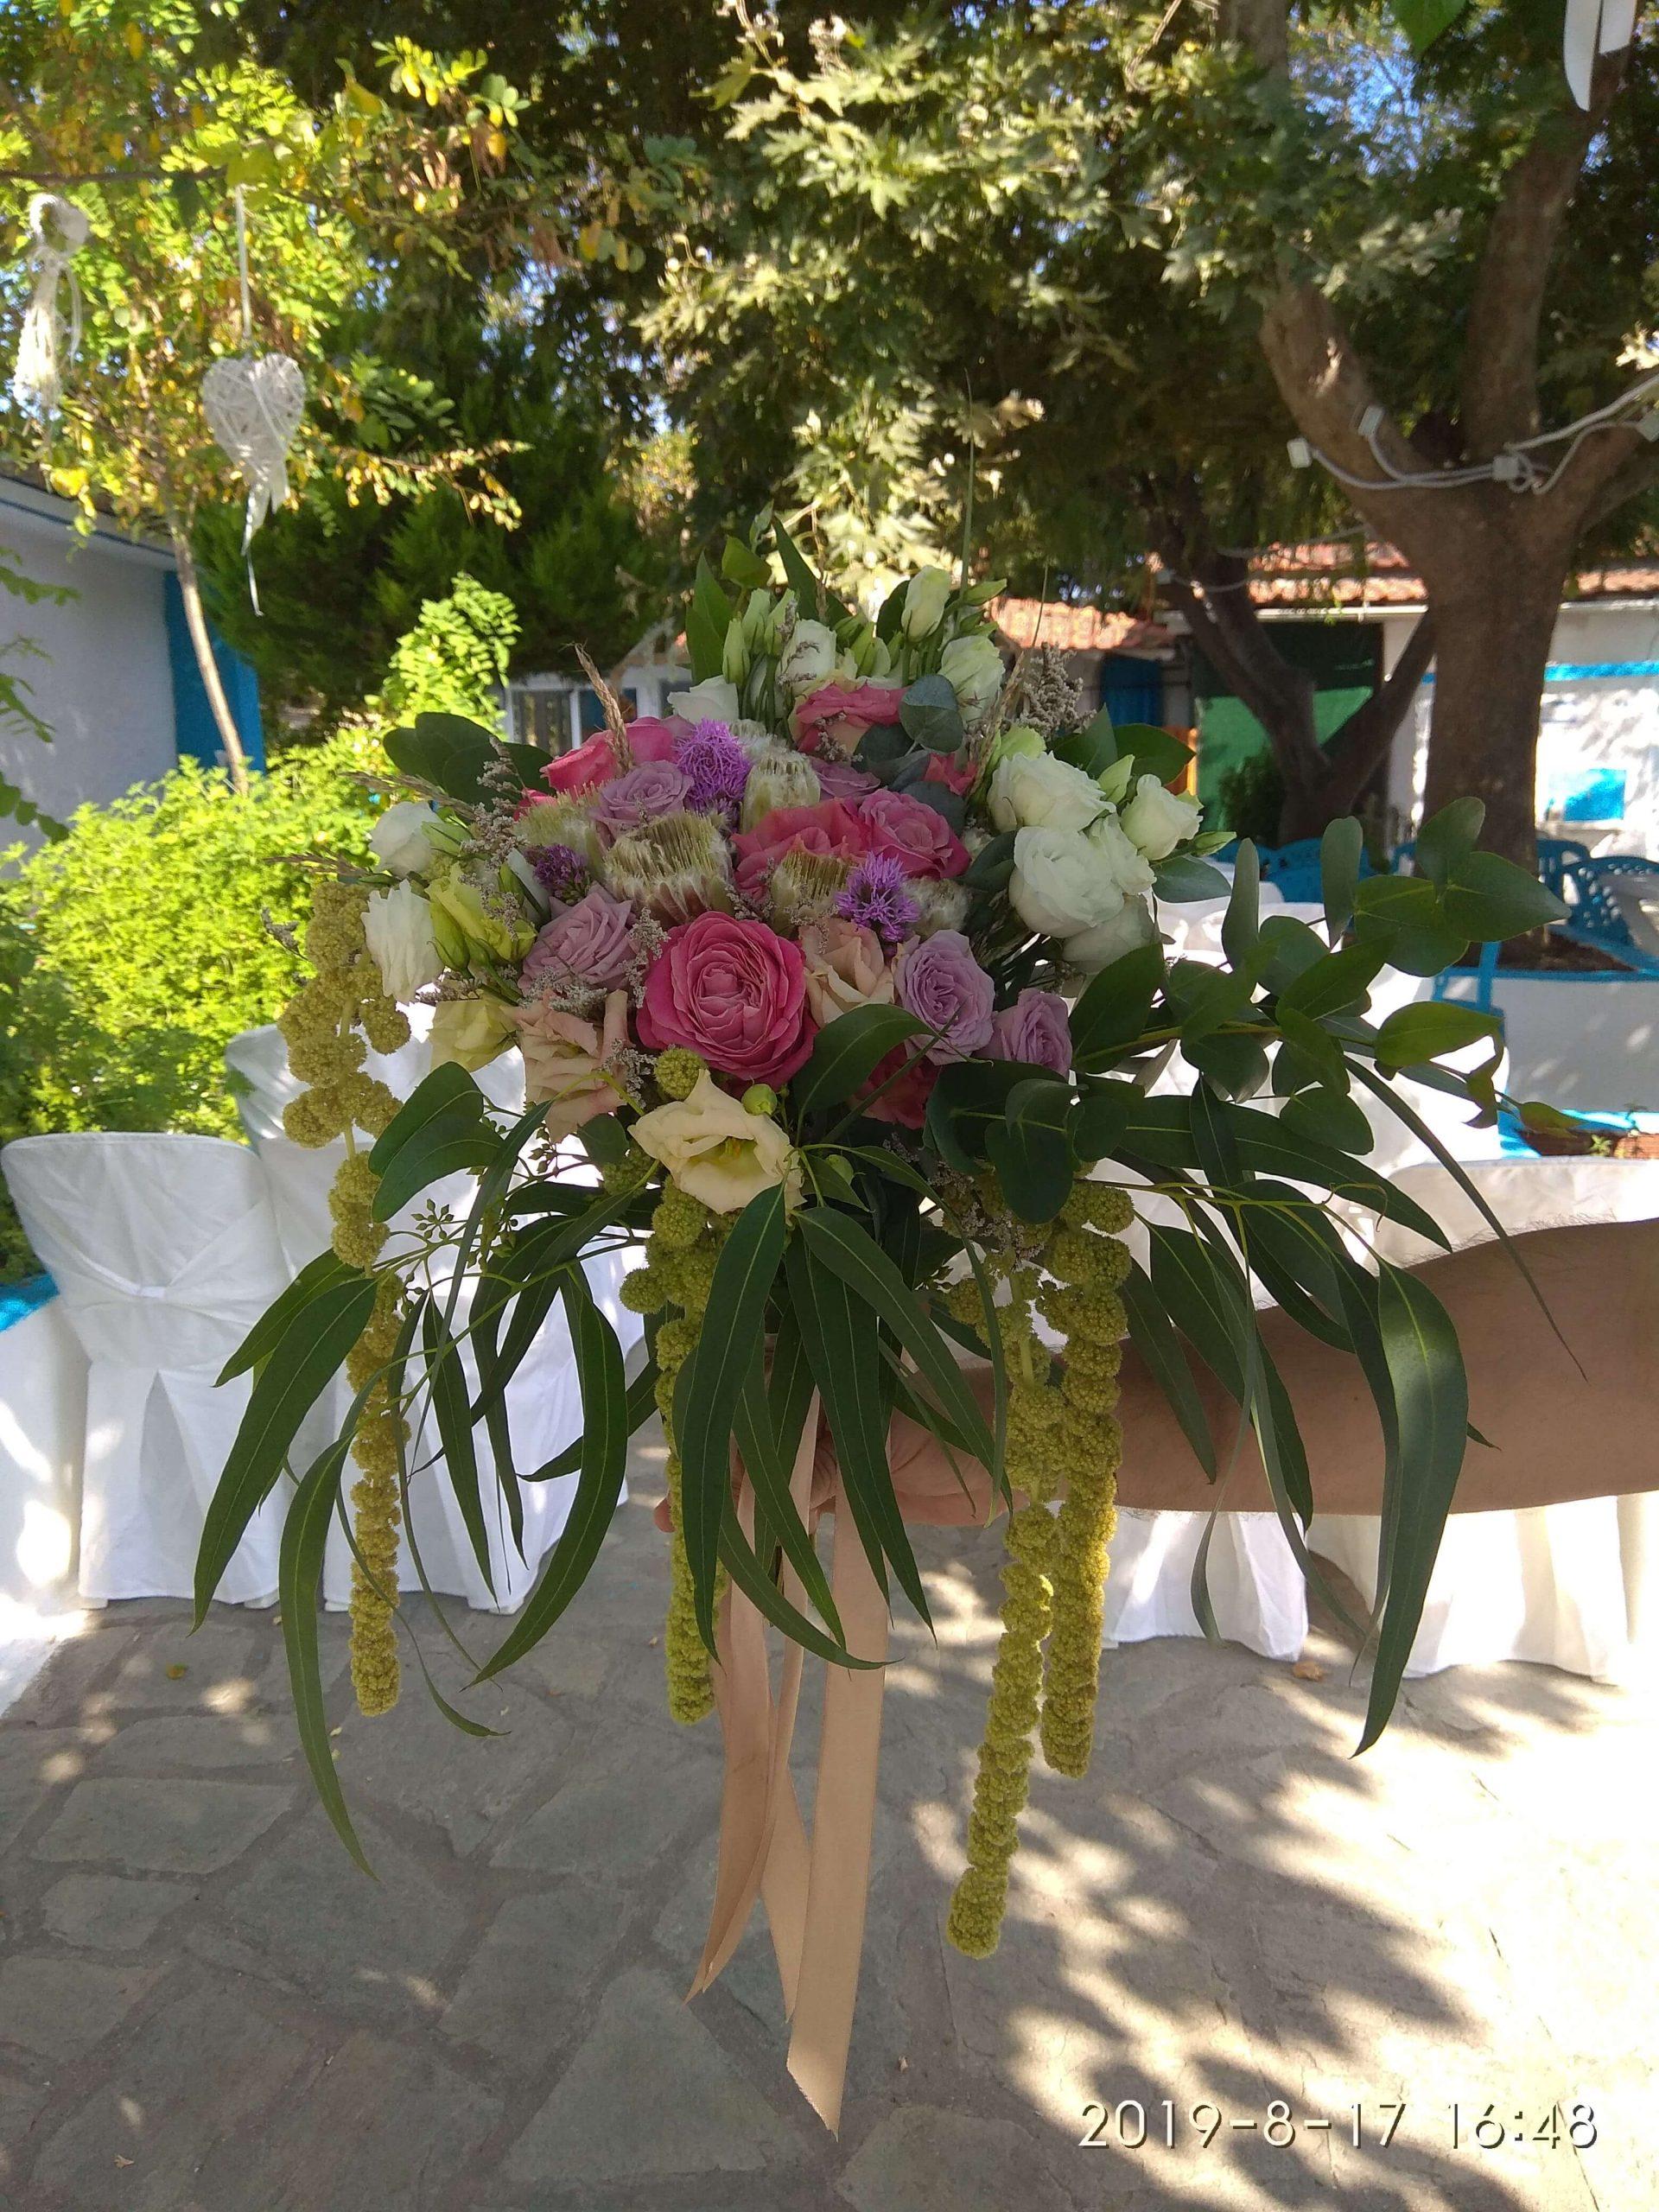 Ανθοδέσμη Γάμου Θεσσαλονίκη | Online ανθοπωλείο ανθοδημιουργίες Τούμπα Θεσσαλονίκης